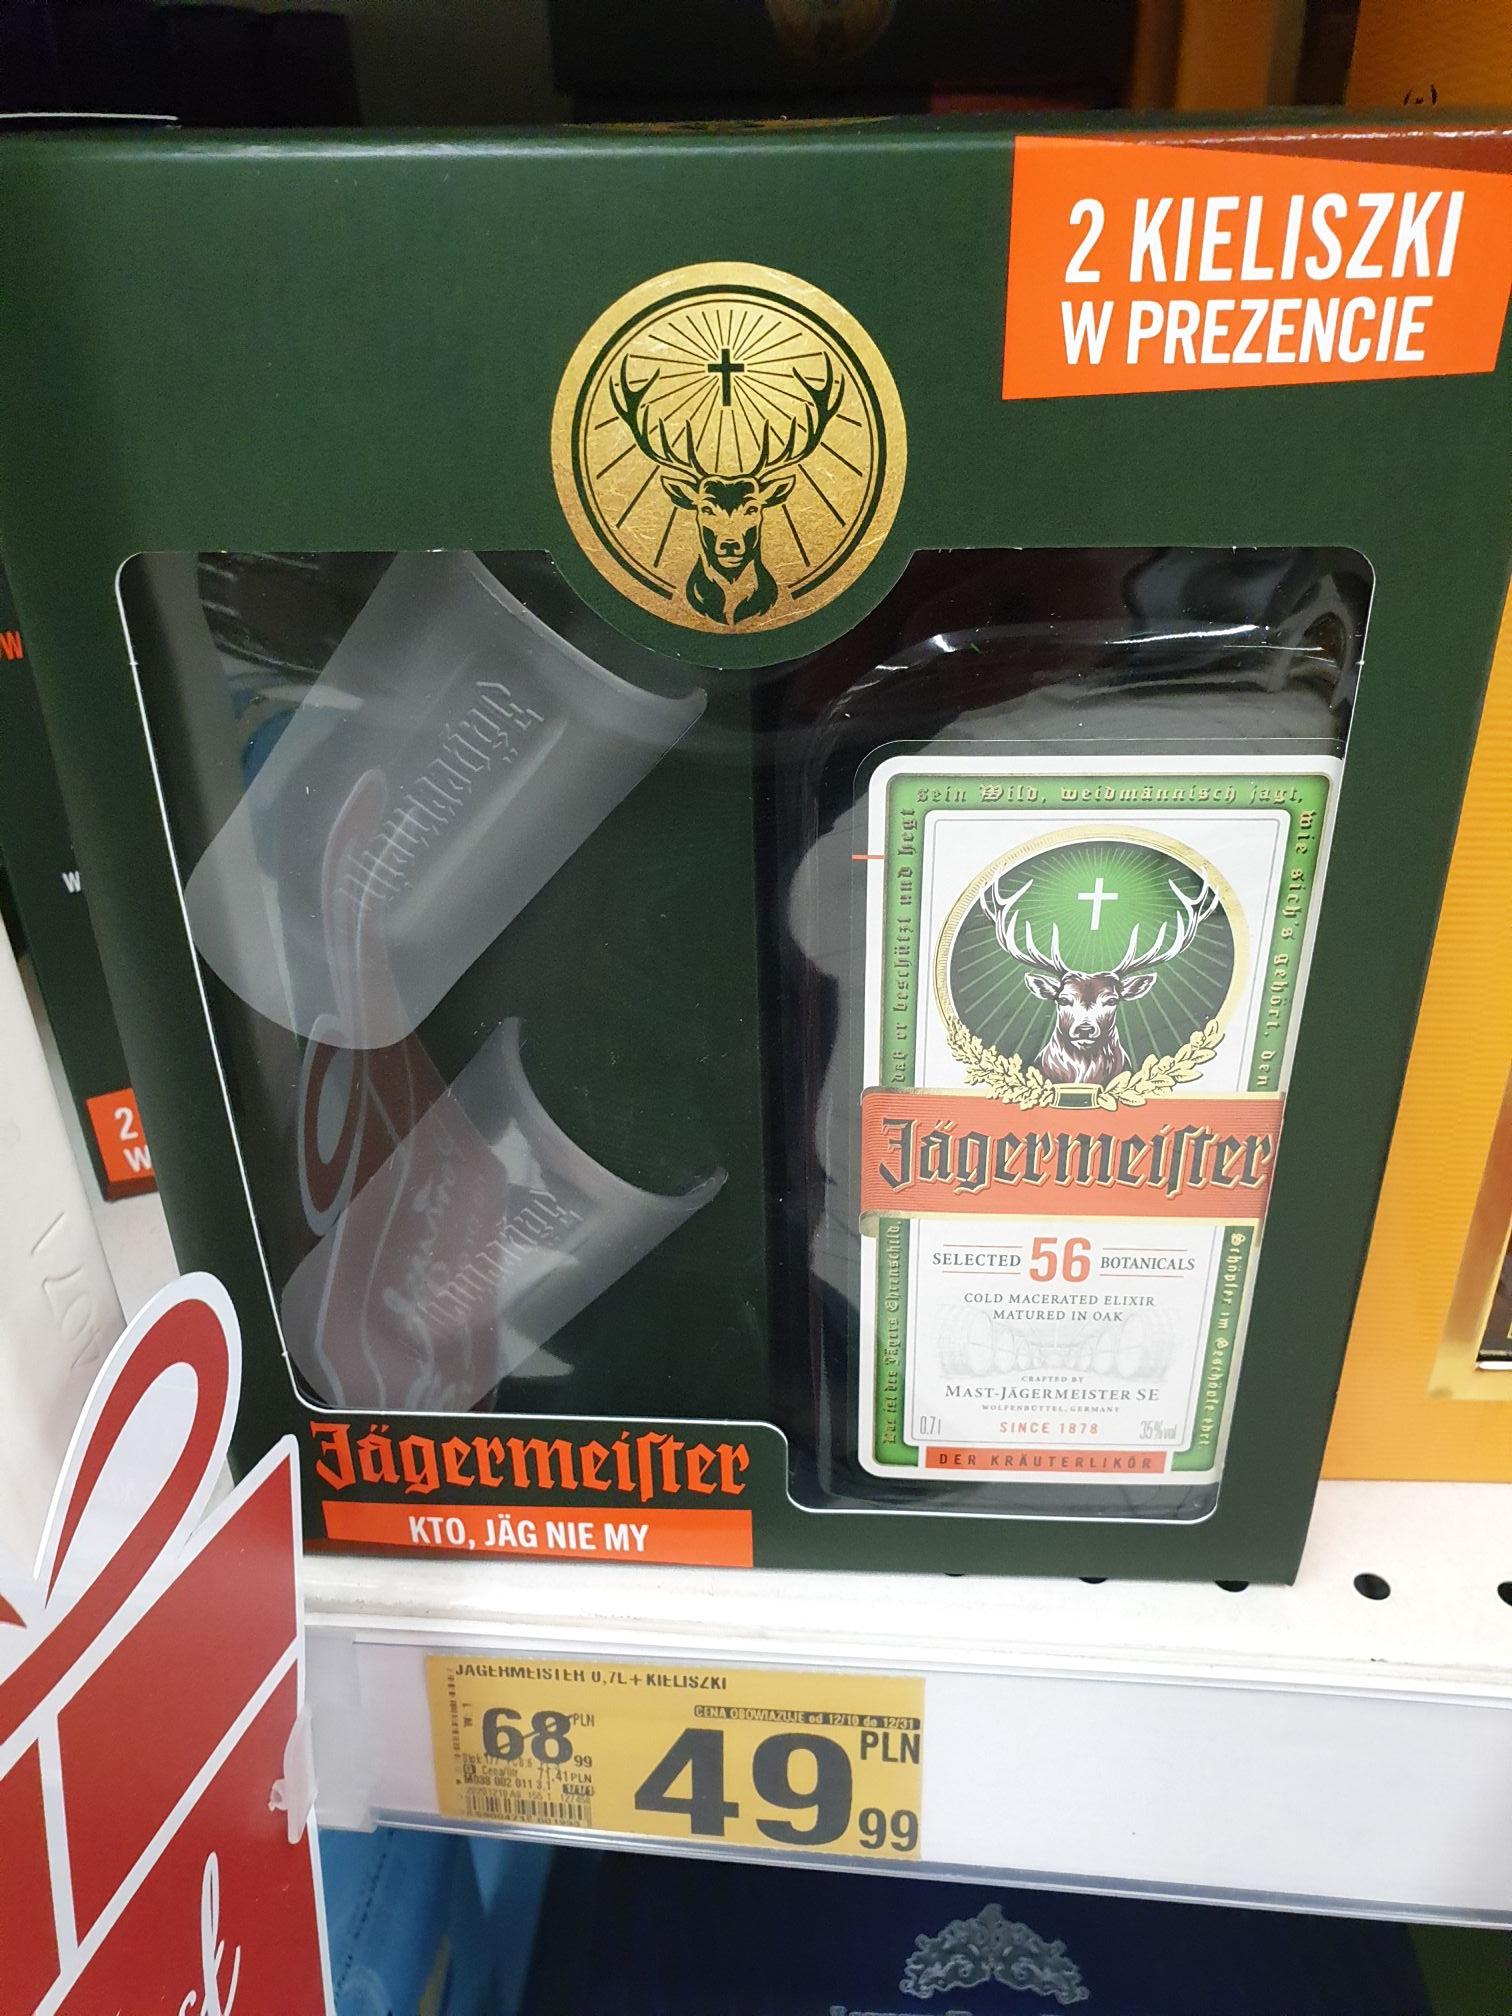 Jagermeister 0.7 + 2 Kieliszki Auchan (Katowice, Pułaskiego 60, 3 Stawy)